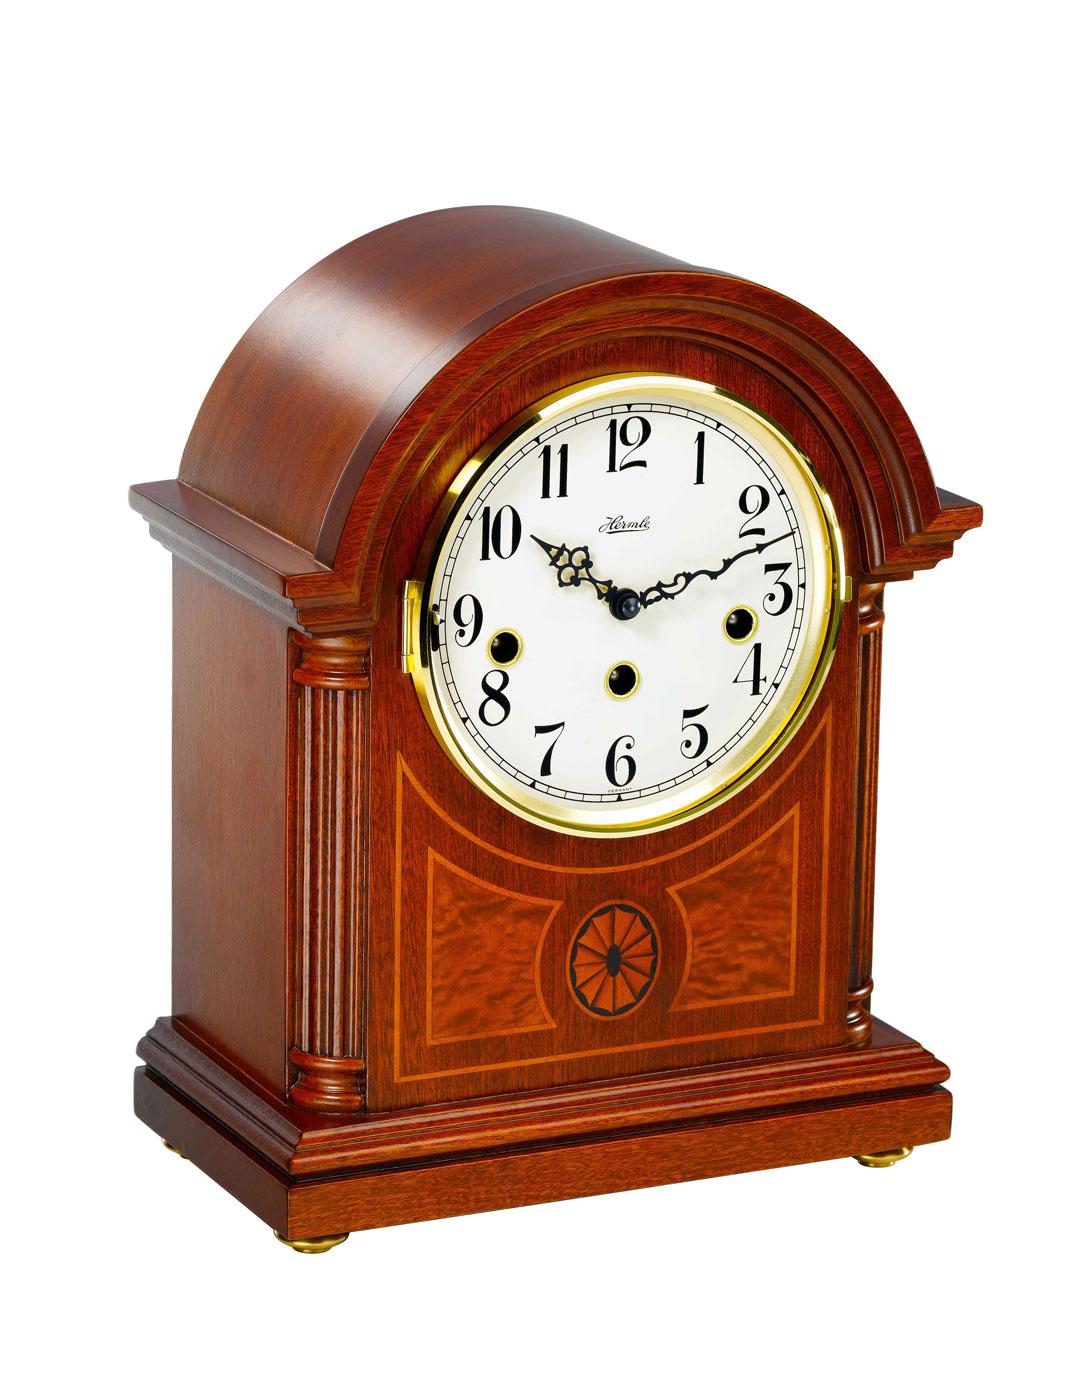 Купить часы - салон-магазин Мир Часов Тула Калуга